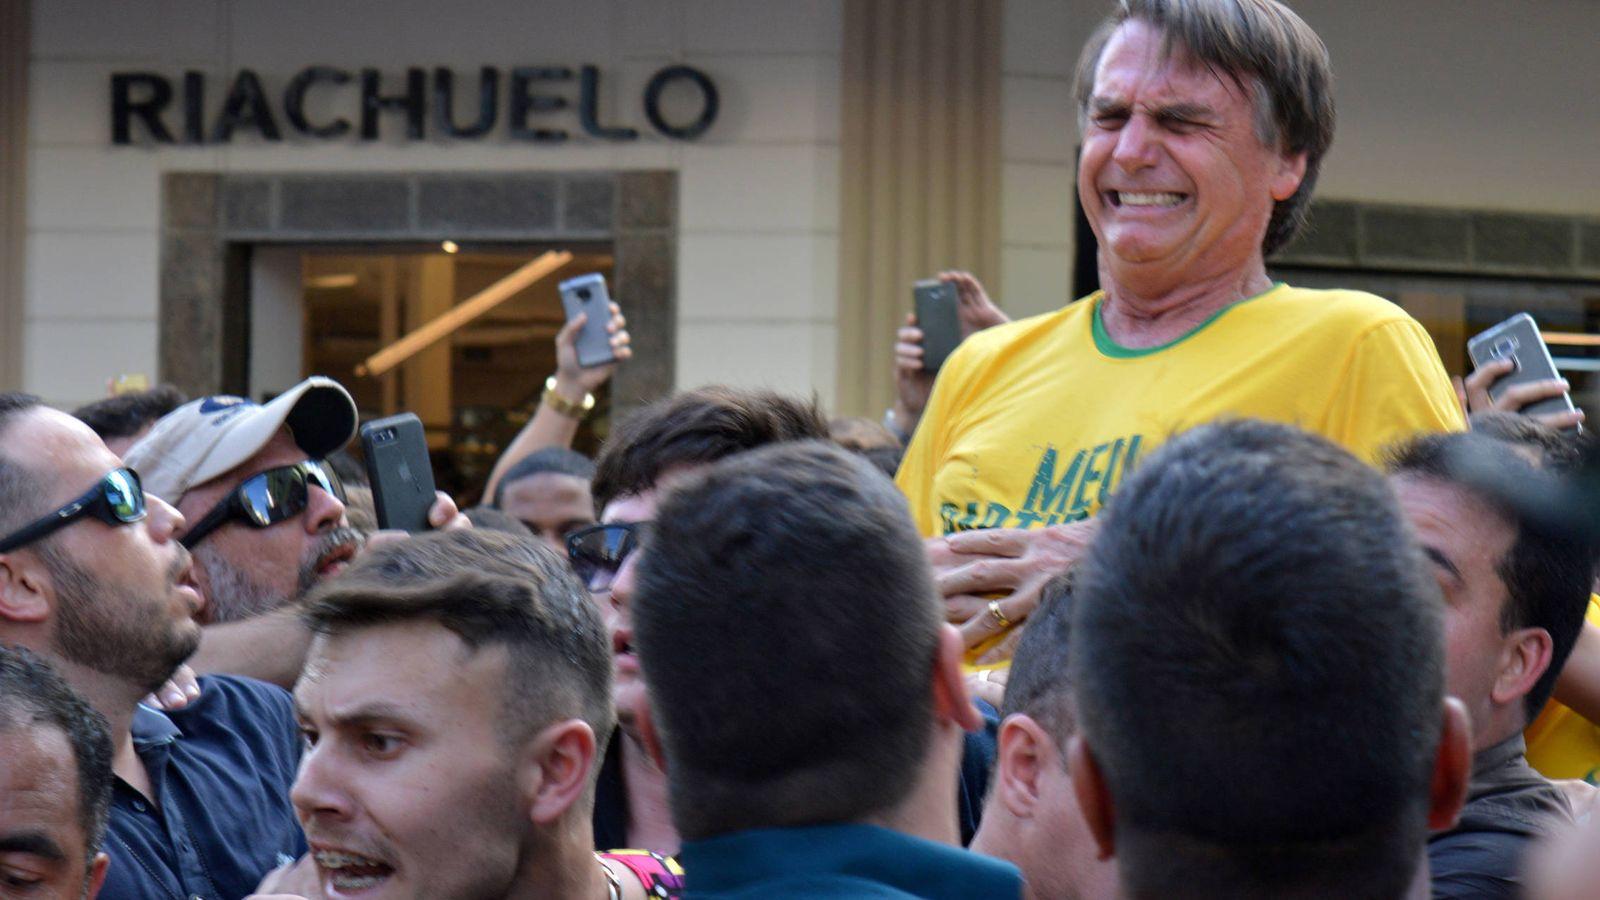 Foto: El candidato presidencial Jair Bolsonaro tras ser apuñalado durante un mitin en Juiz de Fora, Minas Gerais, Brasil, el 6 de septiembre de 2018. (Reuters)